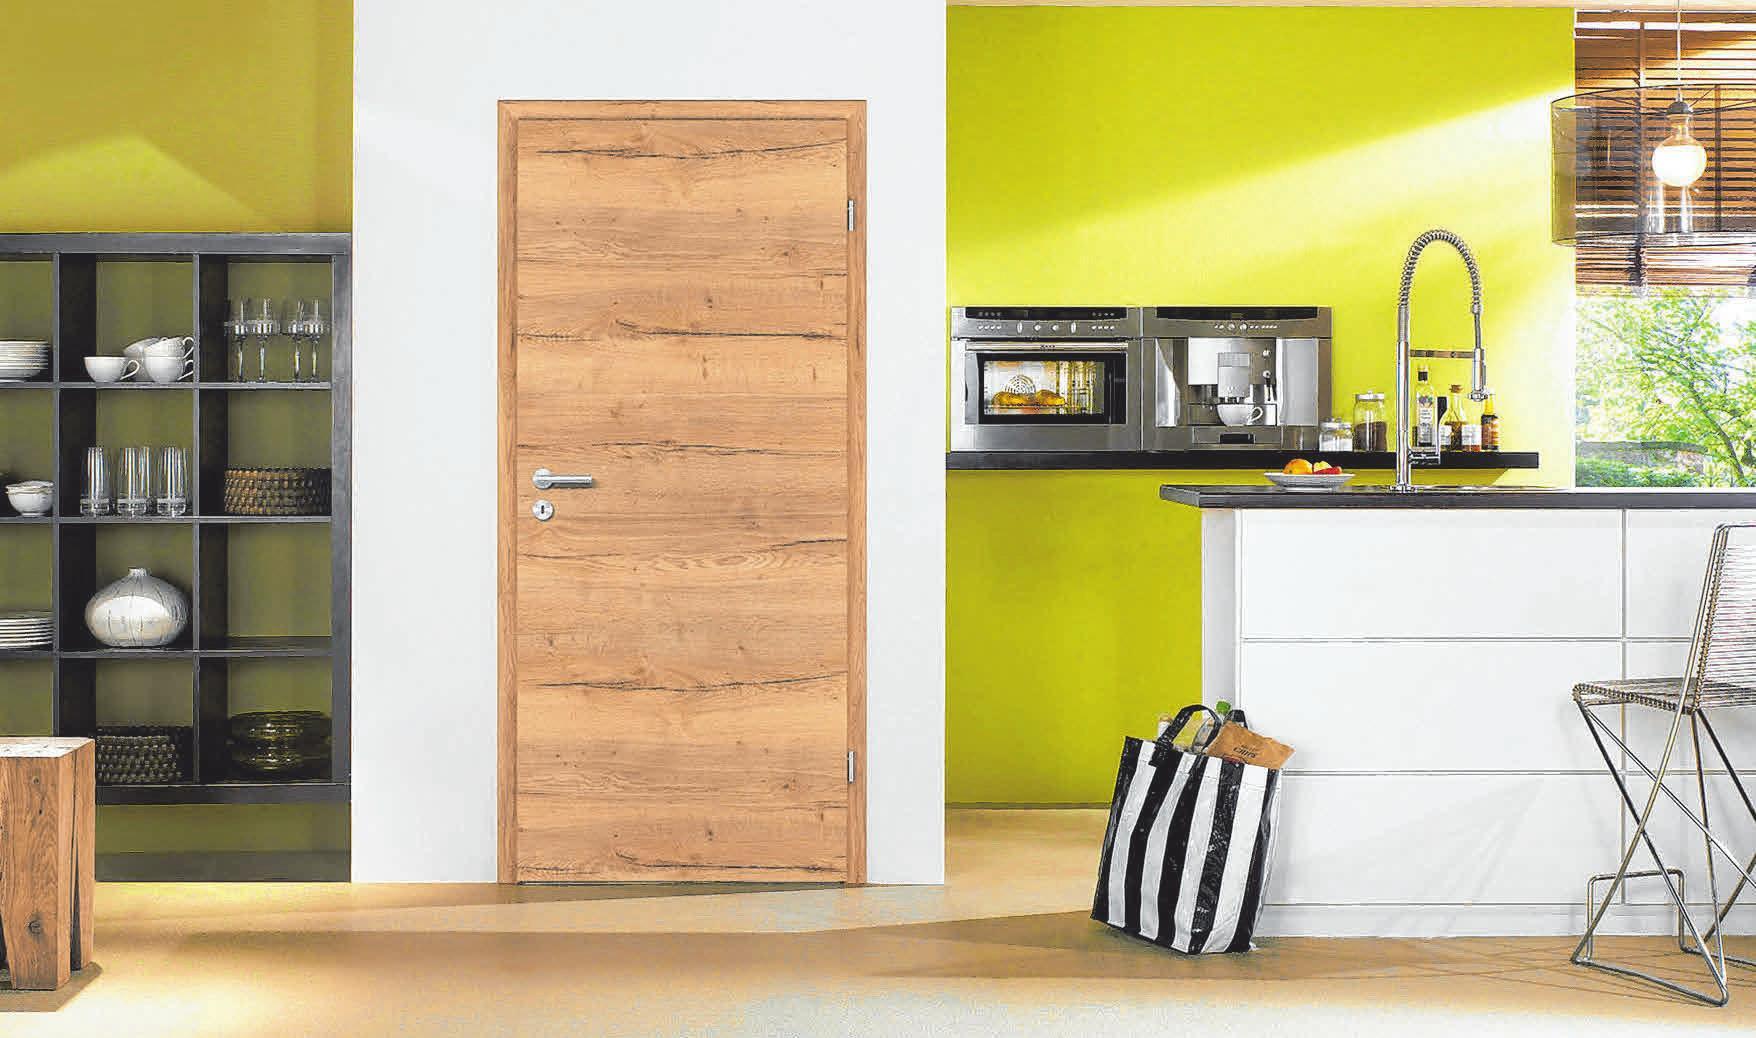 Optik und Funktion auf einen Nenner gebracht: Holz-Innentüren - wohnliches Design mit verschiedenen Zusatznutzen, vom Schall- bis zum Wärmeschutz. FOTO: DJD/GESAMTVERBAND DEUTSCHER HOLZHANDEL/PRÜM